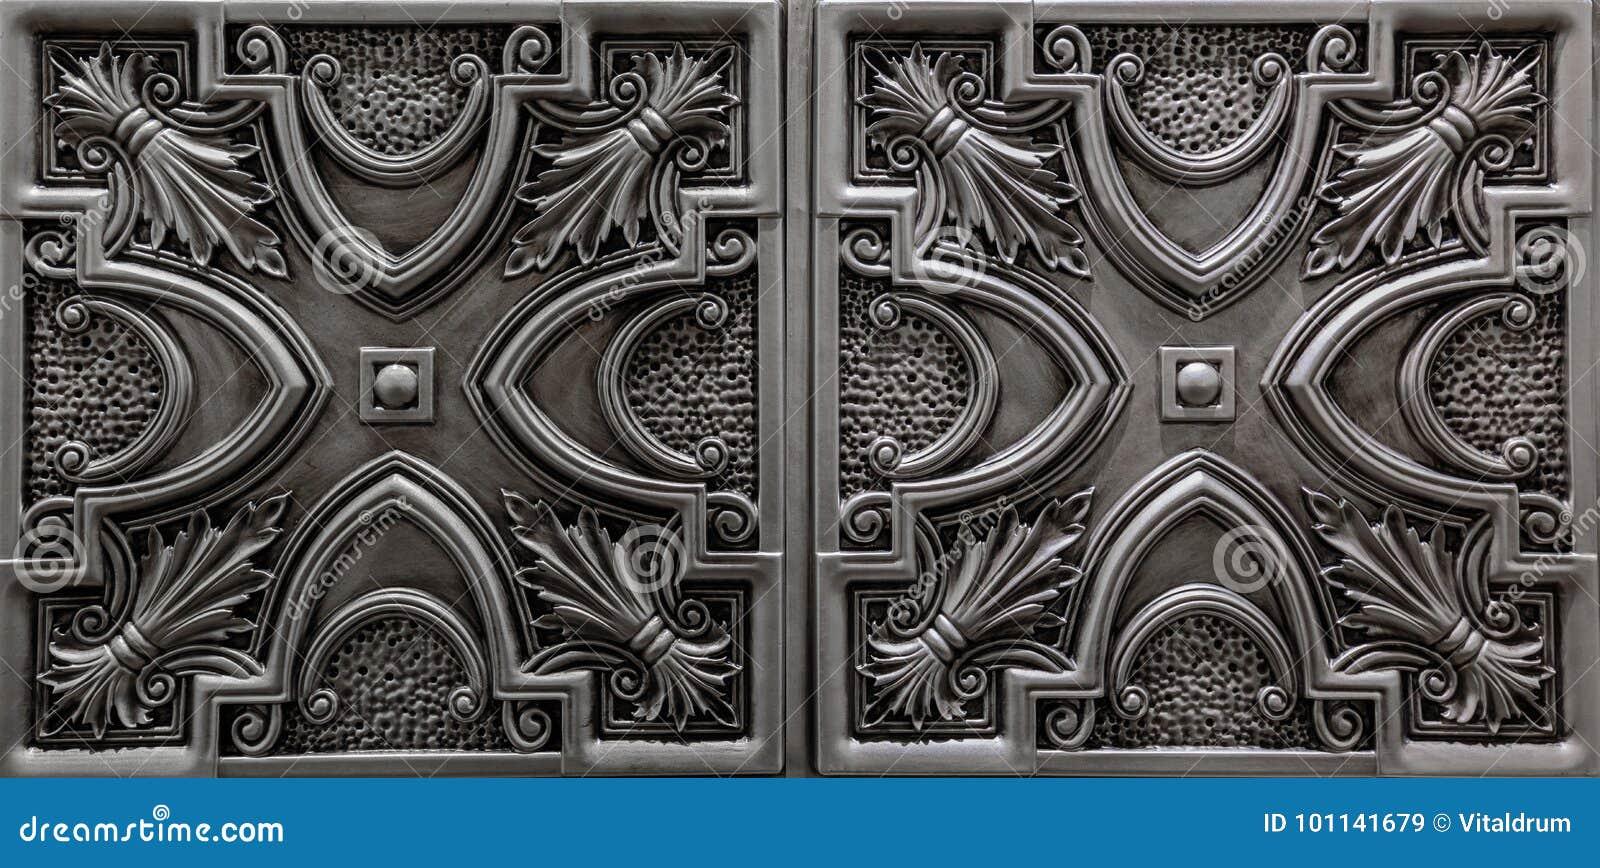 Η καταπληκτική άποψη πολυτέλειας της Νίκαιας του κατασκευασμένου λεπτομερούς, σκοτεινού ασημένιου, μεταλλικού ανώτατου ορίου κερα